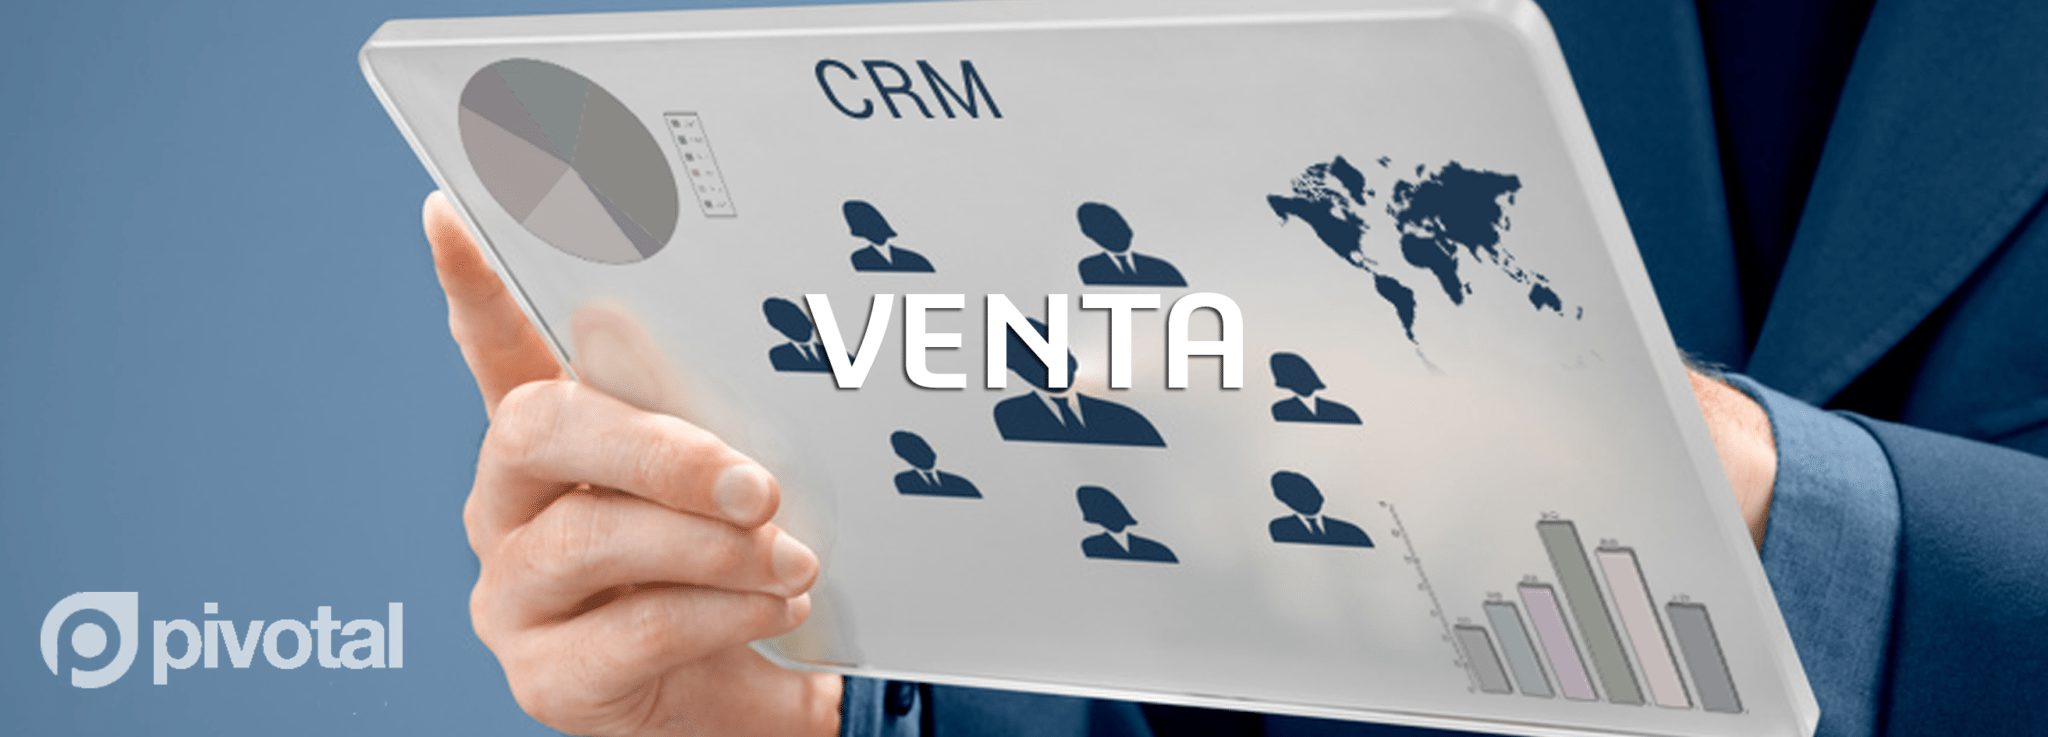 Pivotal CRM para ventas complejas de equipos industriales, configurador CPQ de productos